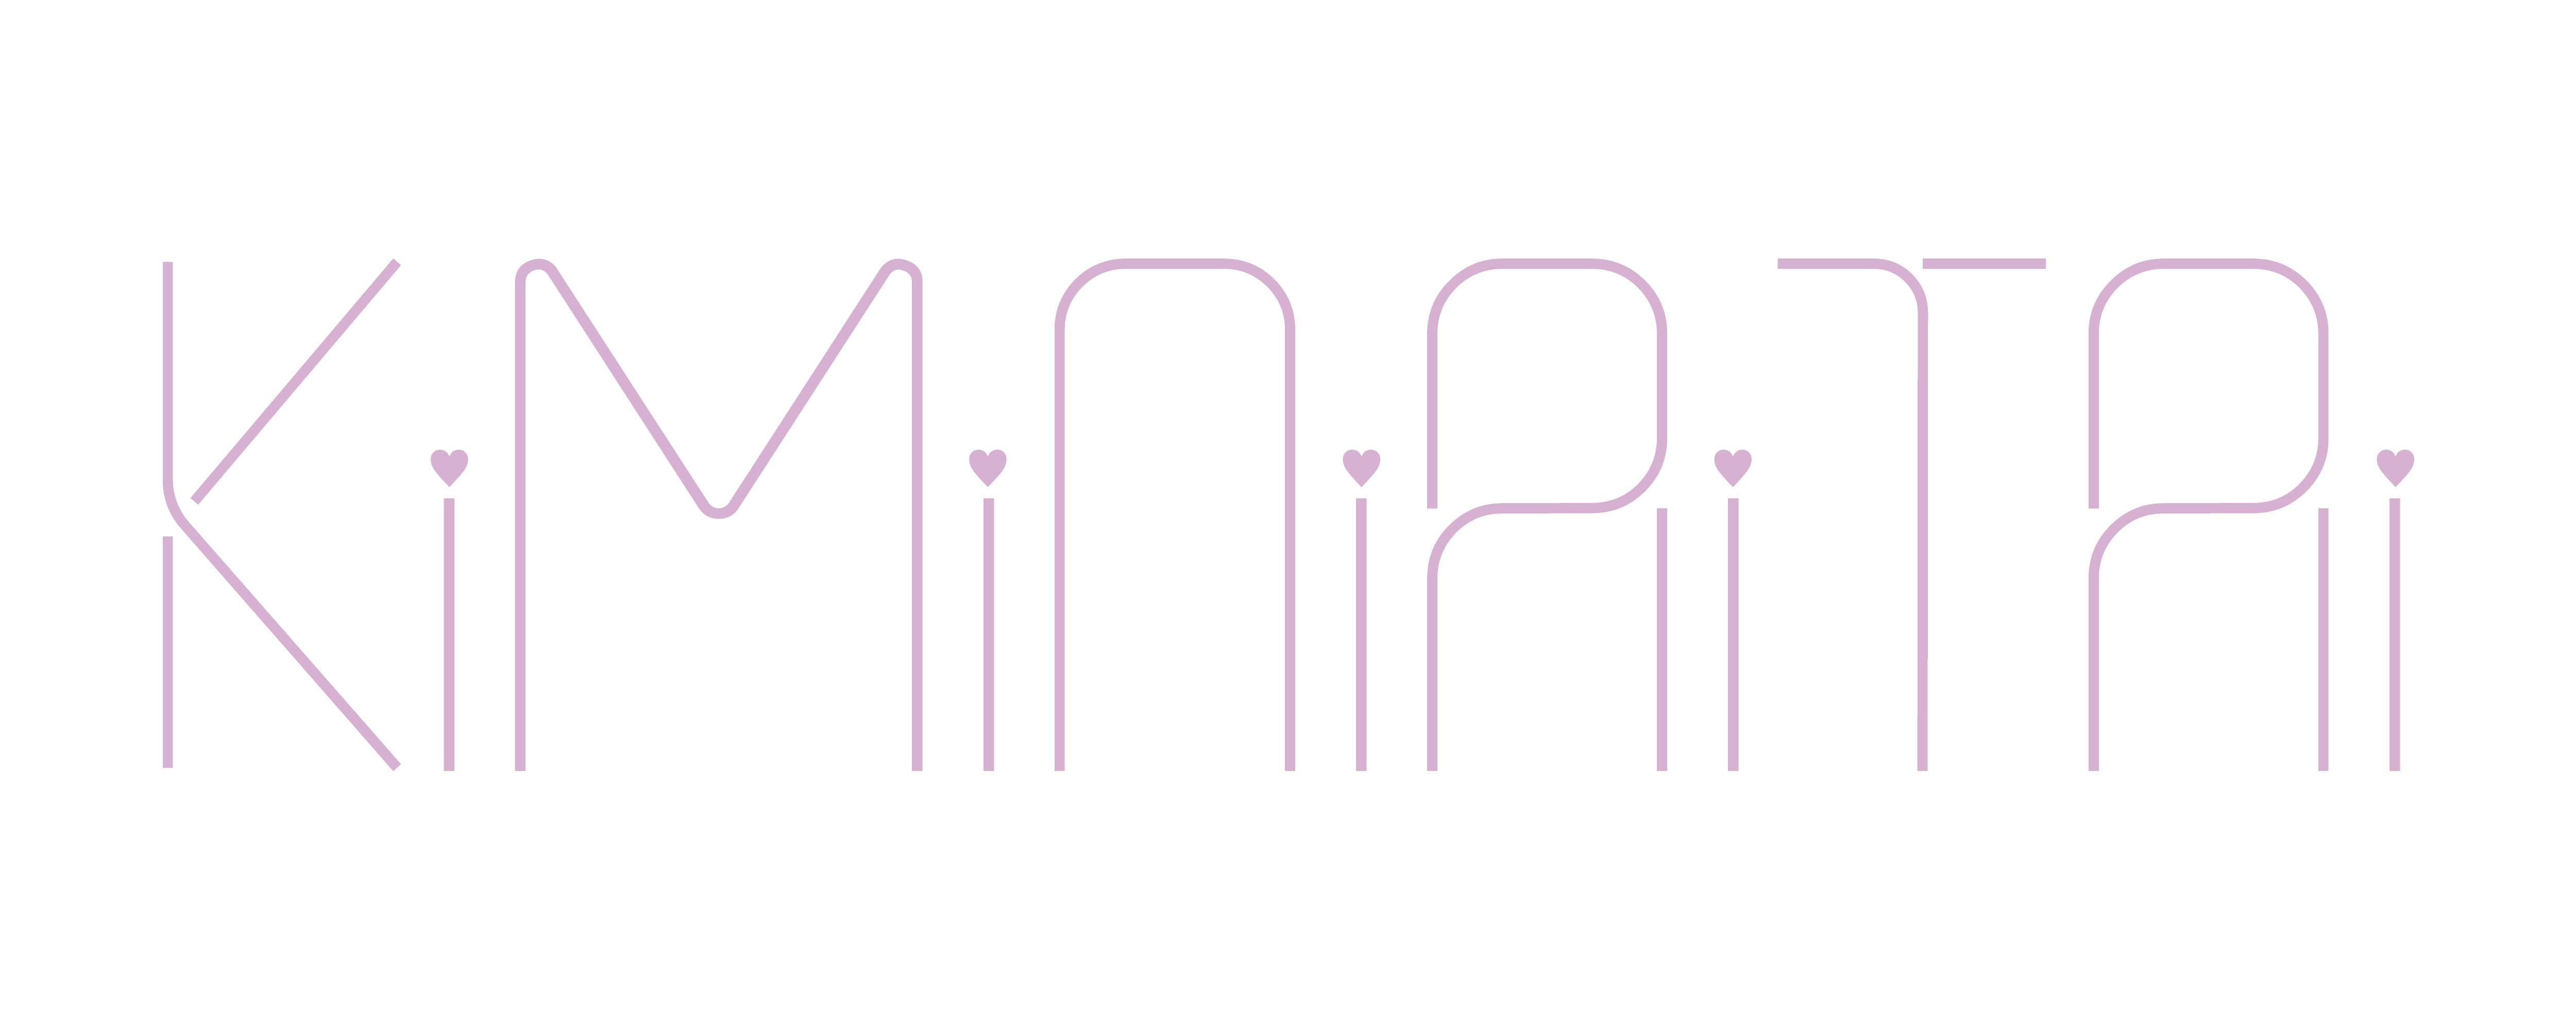 オーディション [関西]新規アイドル「KiMiNiAiTAi」メンバー募集 キラキラ可愛い楽曲・衣装・パフォーマンスで世の中を明るく照らすアイドル 主催:ソウルエッジプロモーション、カテゴリ:アイドル(東京以外)